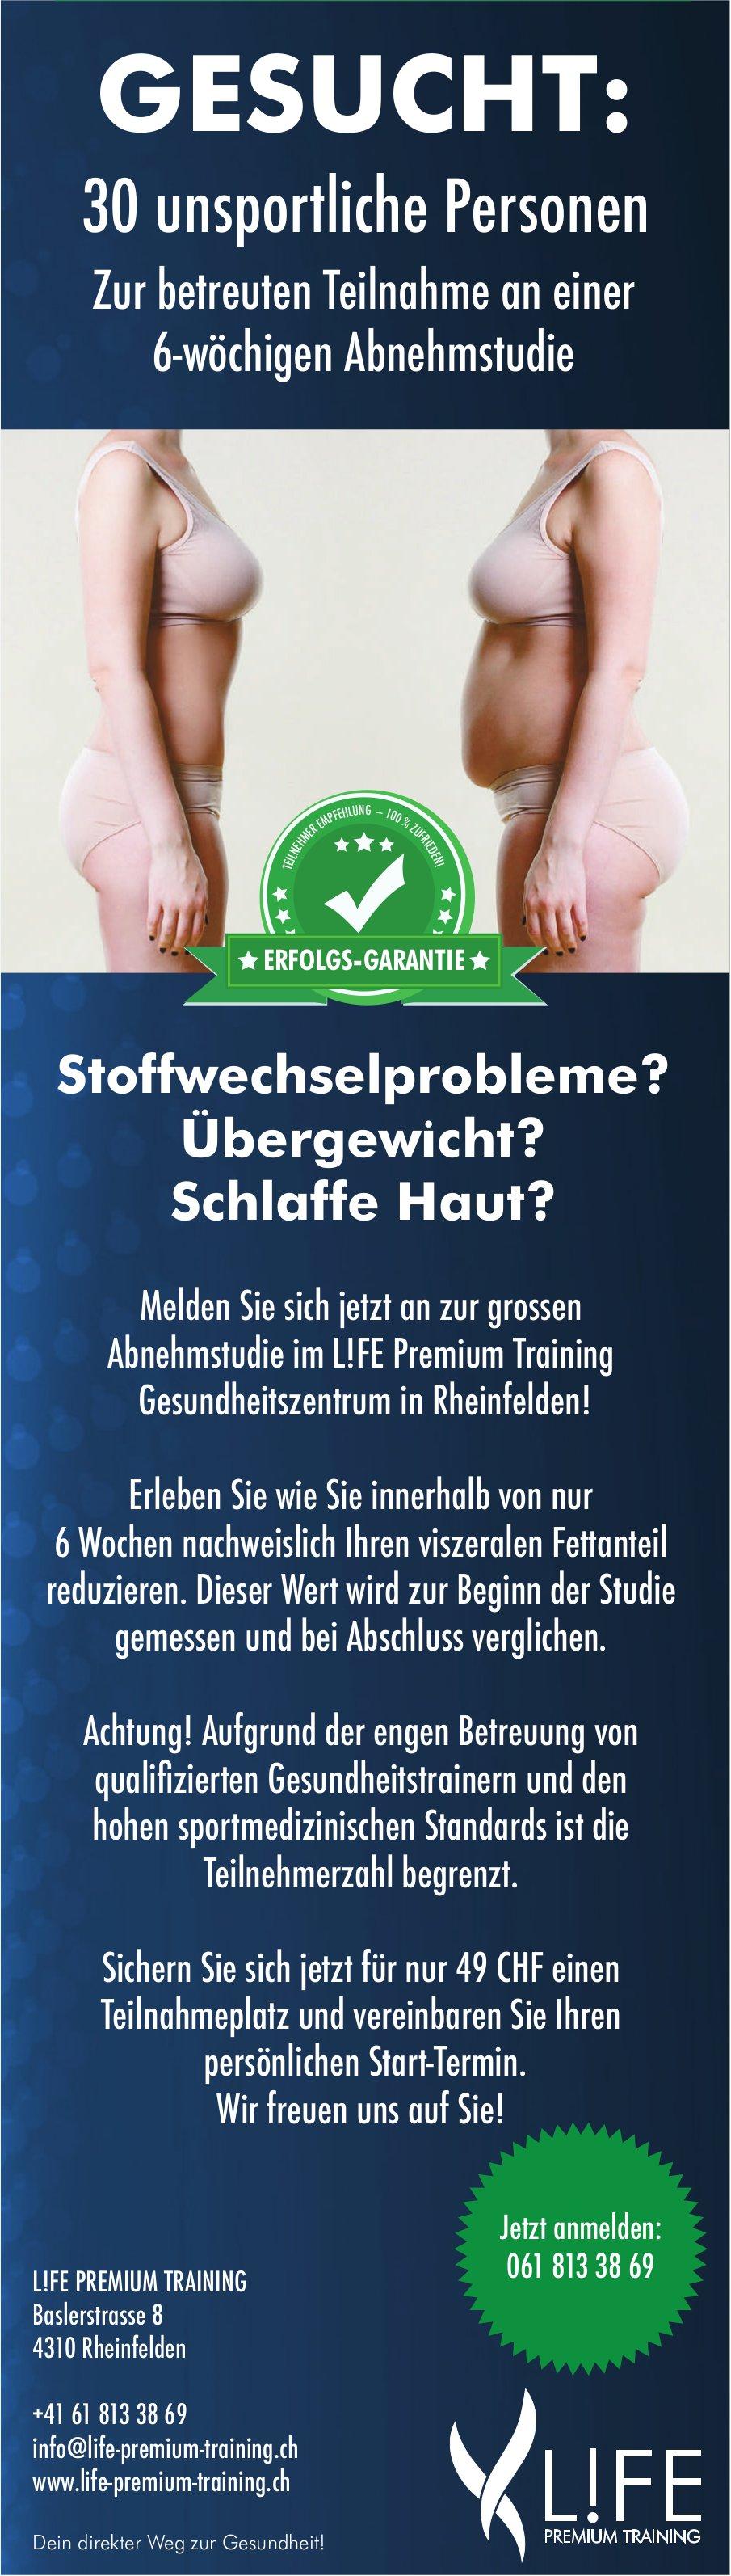 L!FE PREMIUM TRAINING, Rheinfelden - 30 unsportliche Personen gesucht